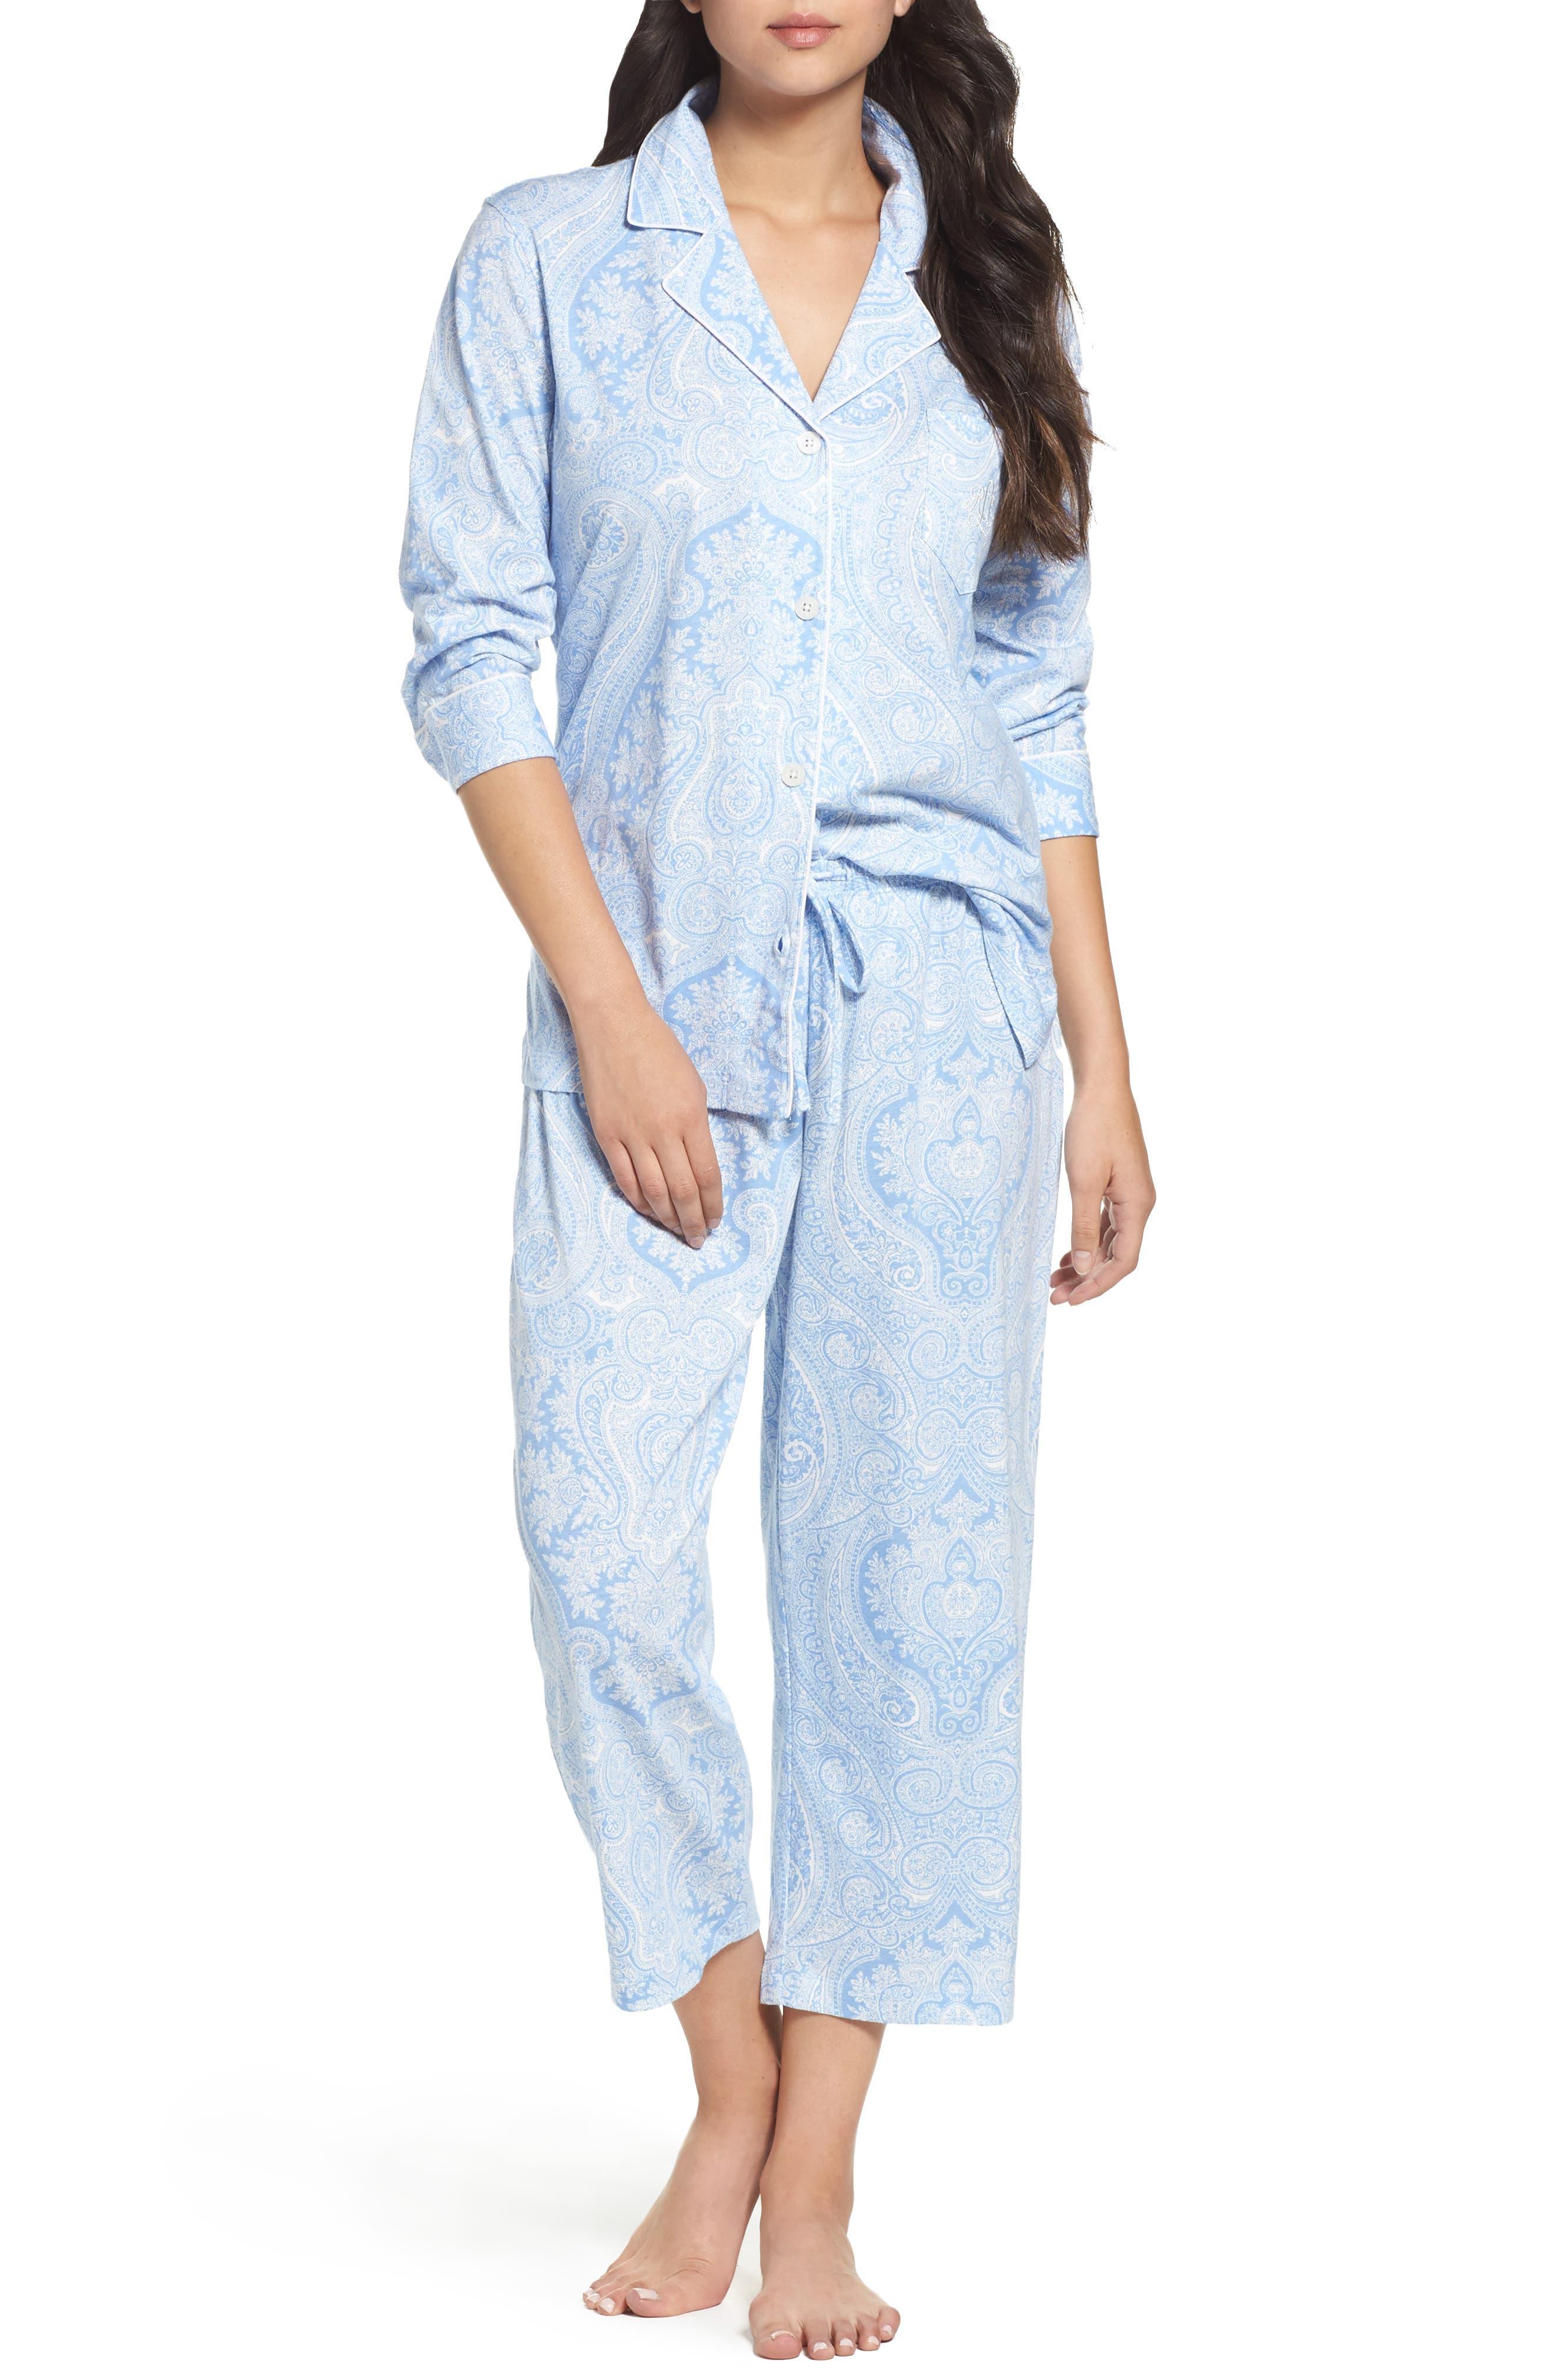 Lauren by Ralph Lauren Further Lane Pajamas